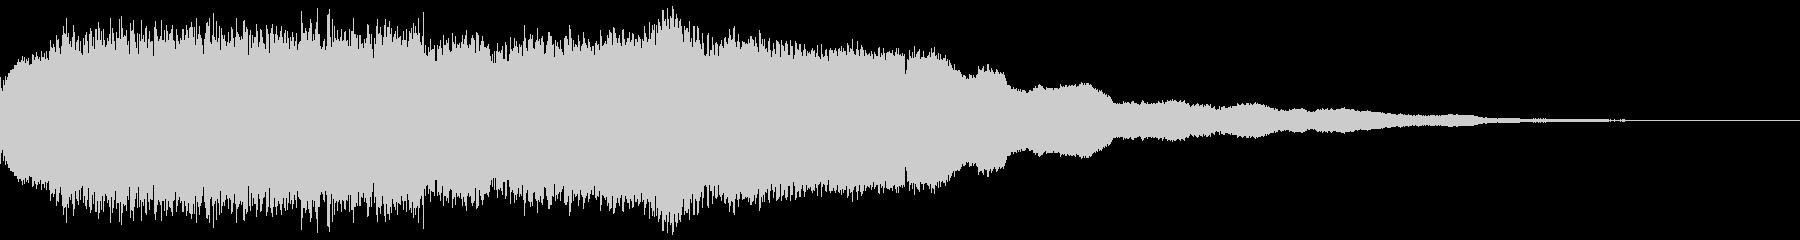 キュイン キュイーン ビーム キーン 1の未再生の波形